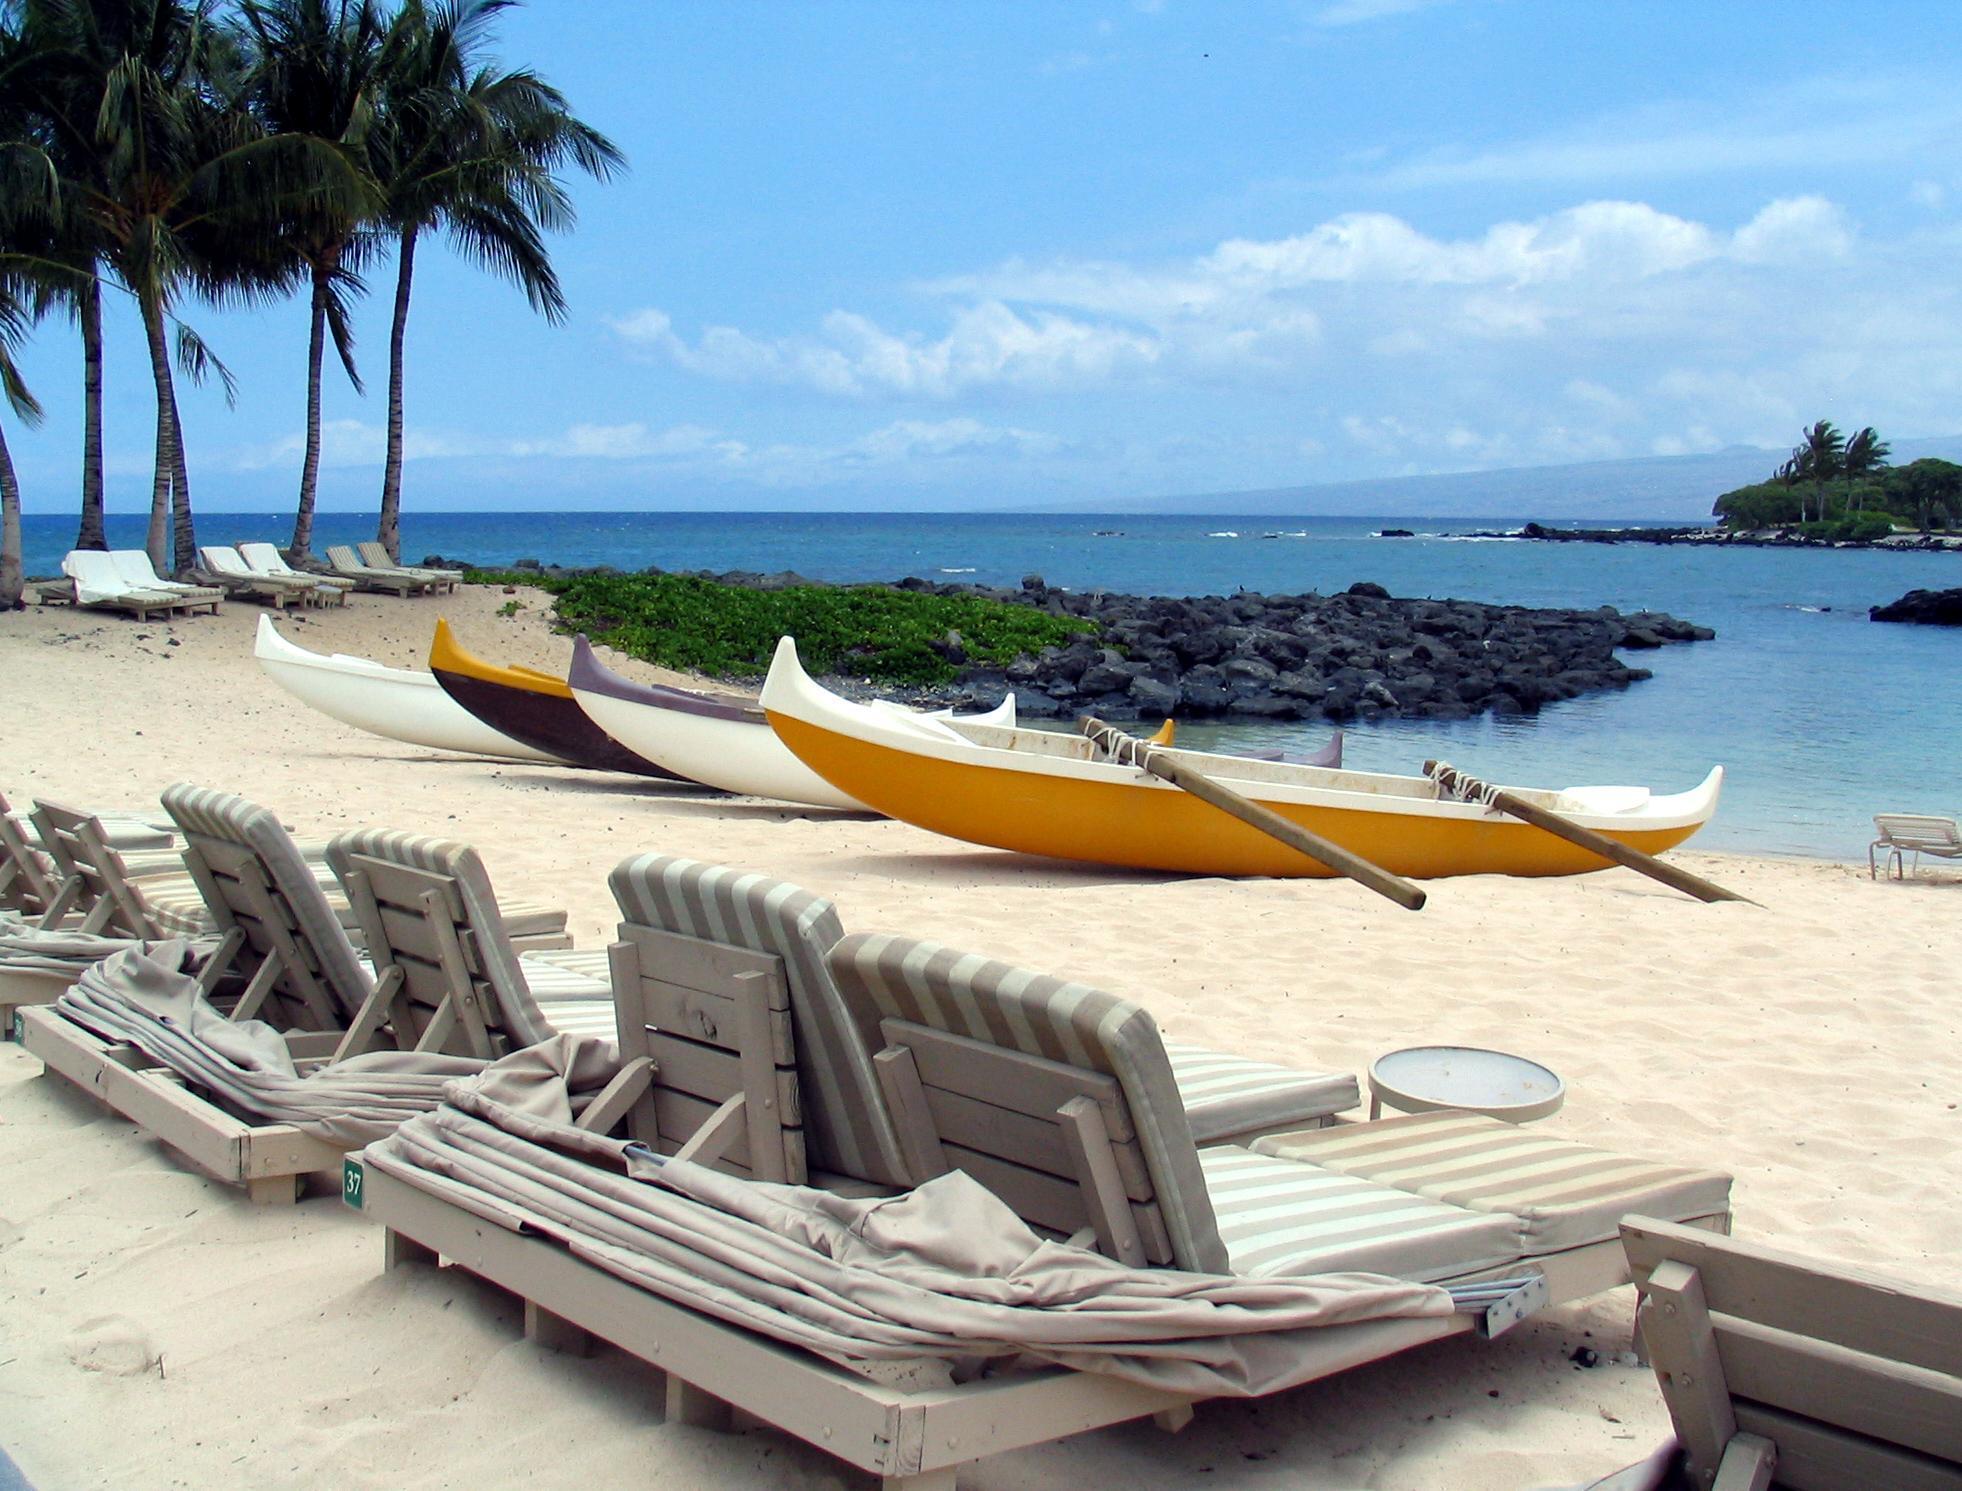 夏休み旅行の海外希望訪問地はハワイがトップ